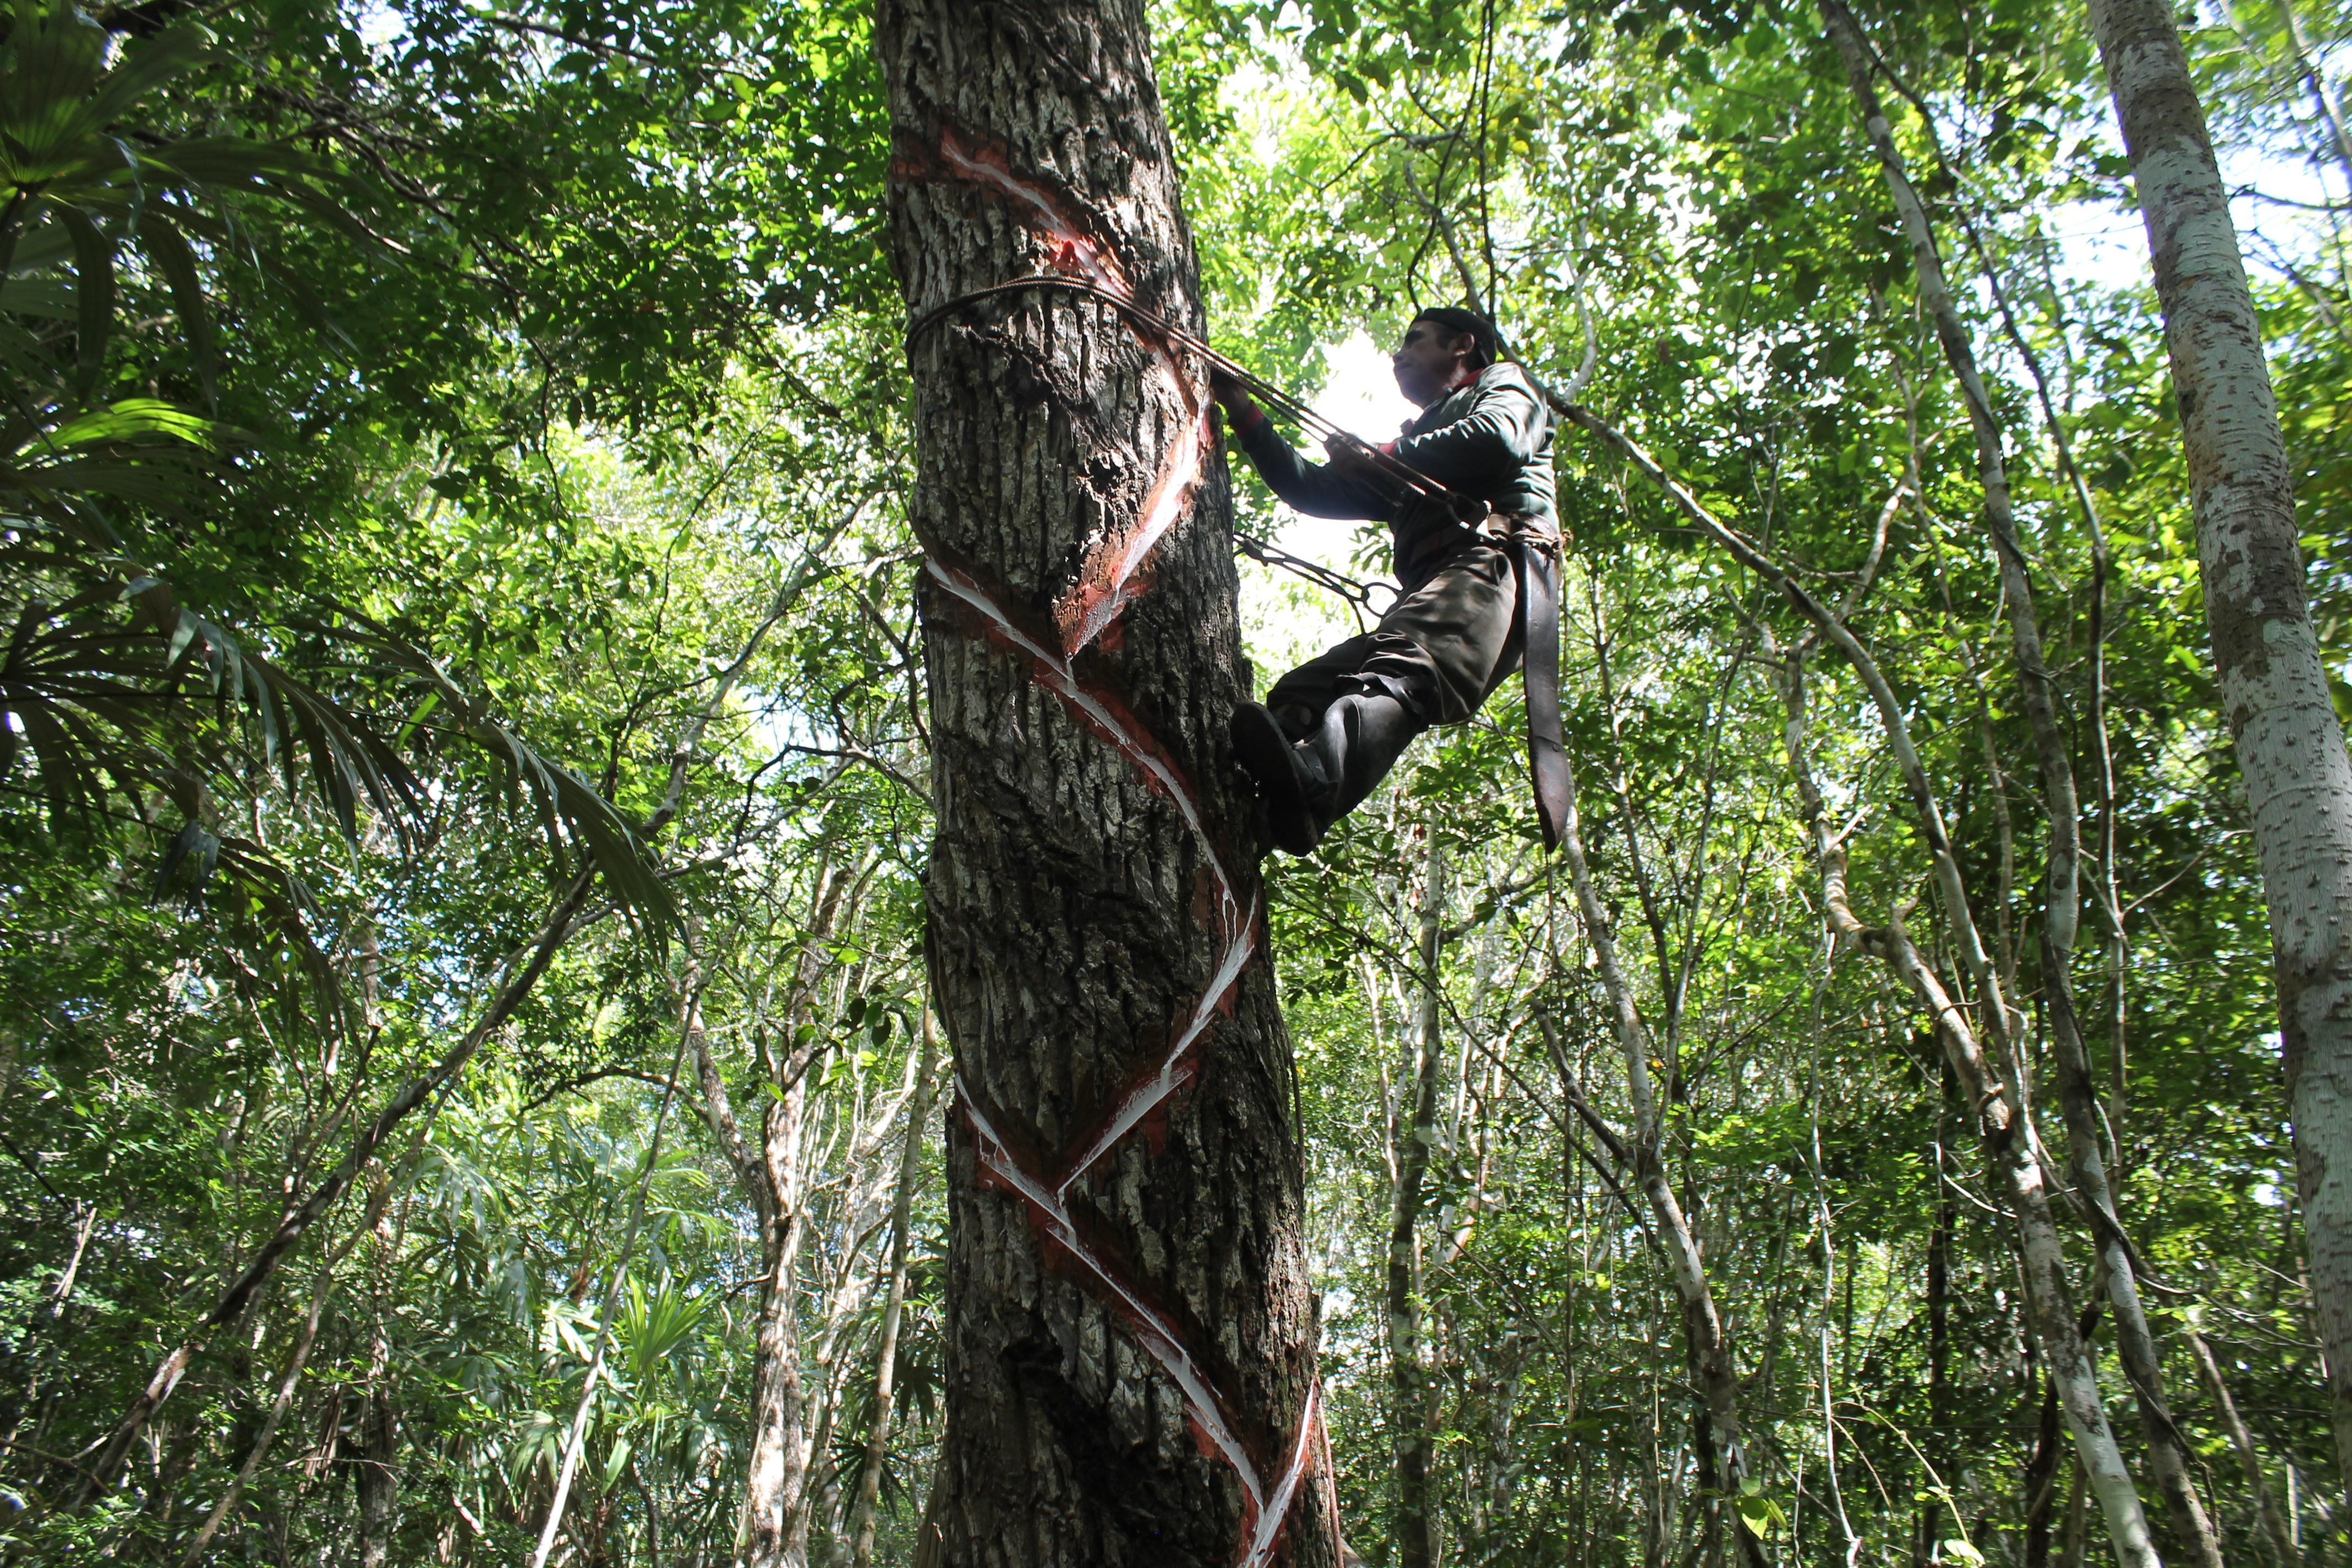 Sierra Magazine: Making Gum in the Mayan Rainforest